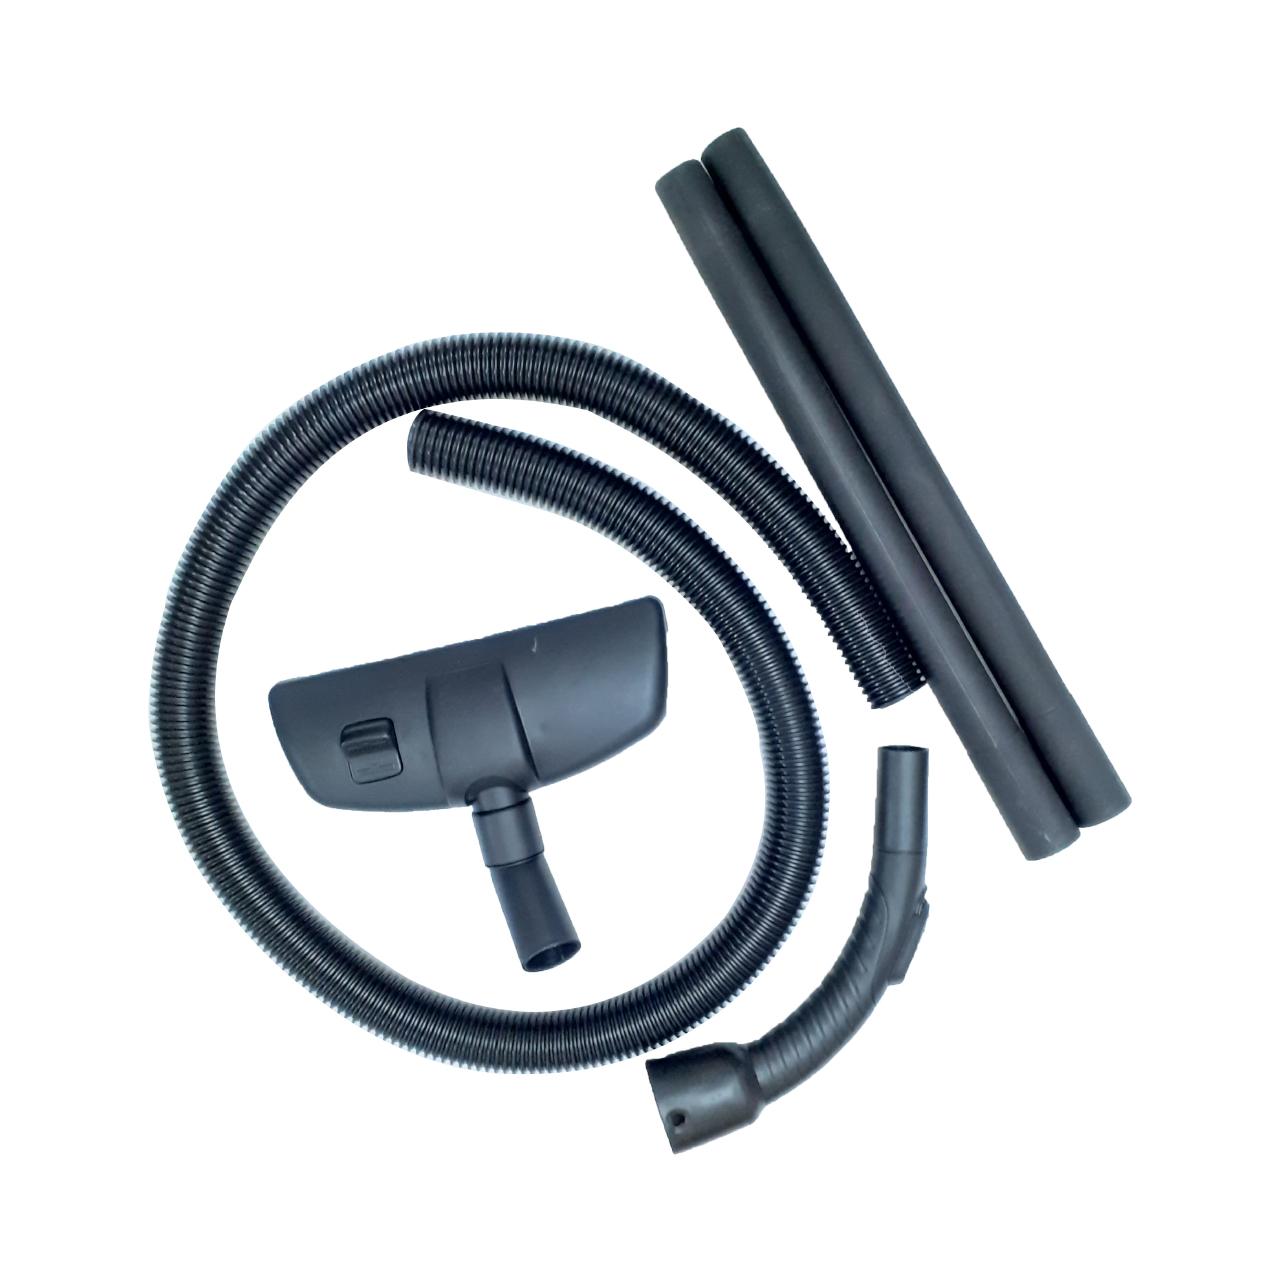 خرطومی و زانویی و لوله و برس جاروبرقی کد sha200 مناسب برای انواع جاروبرقی